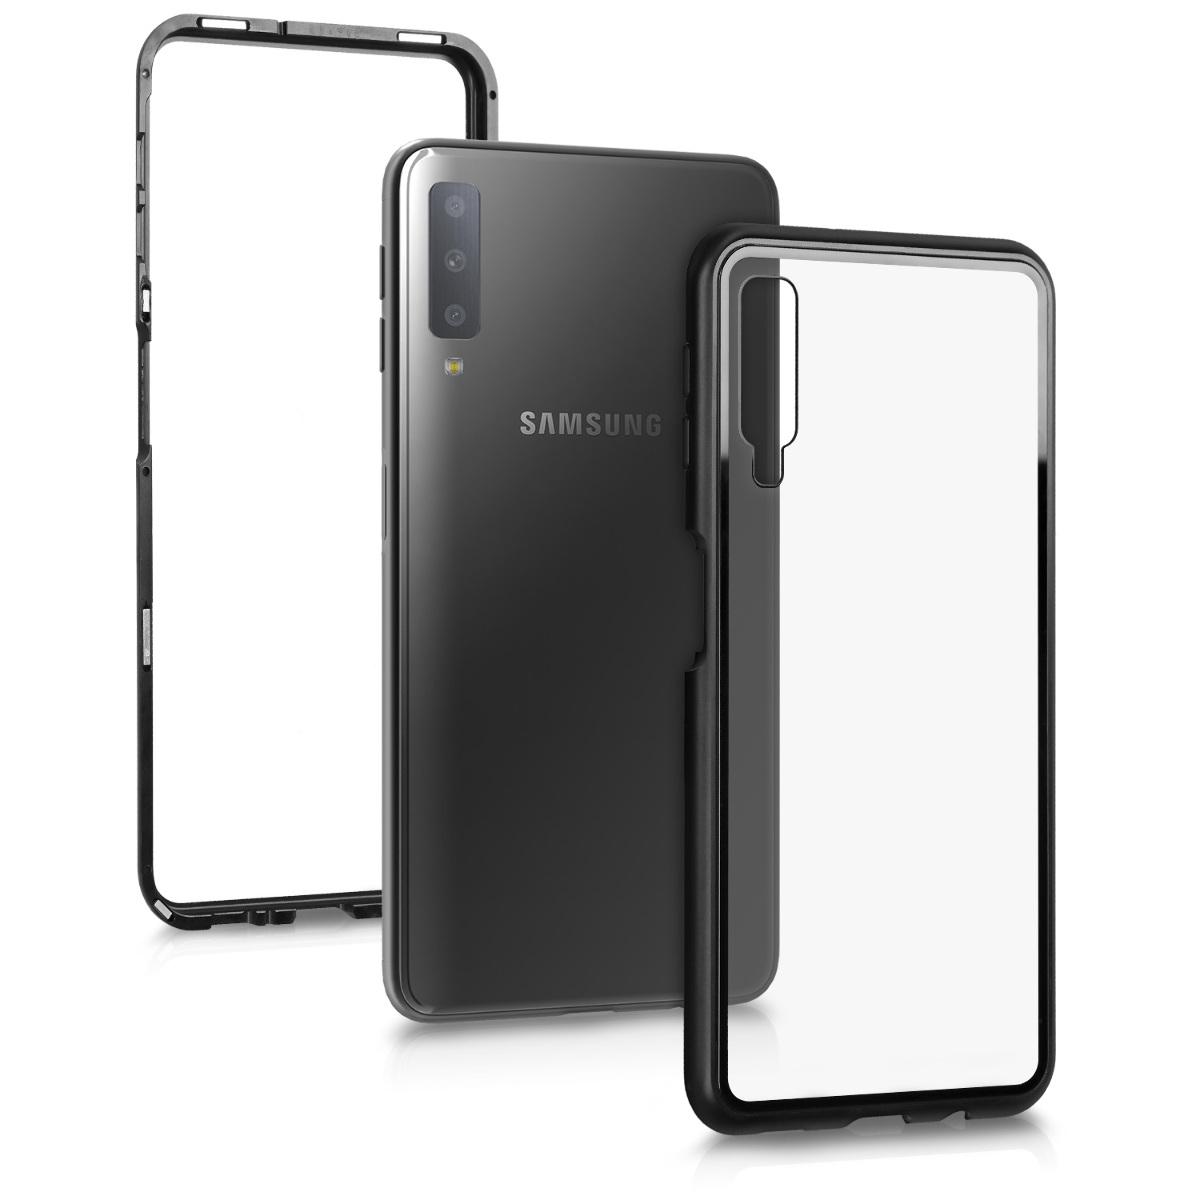 Skleněné pouzdro pro Samsung A7 (2018) - černé / transparentní